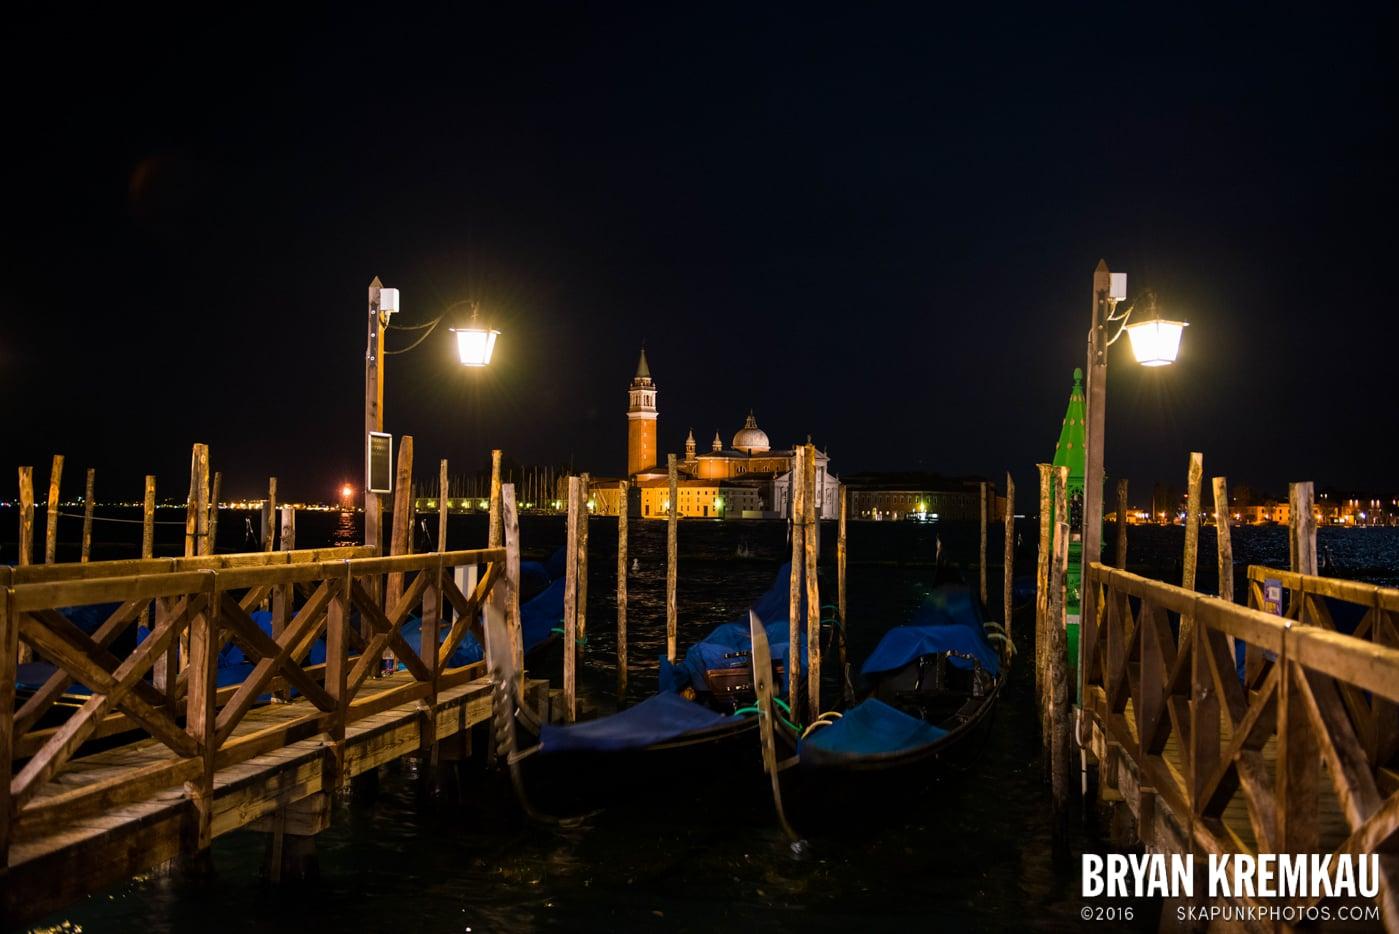 Italy Vacation - Day 6: Murano, Burano, Venice - 9.14.13 (5)